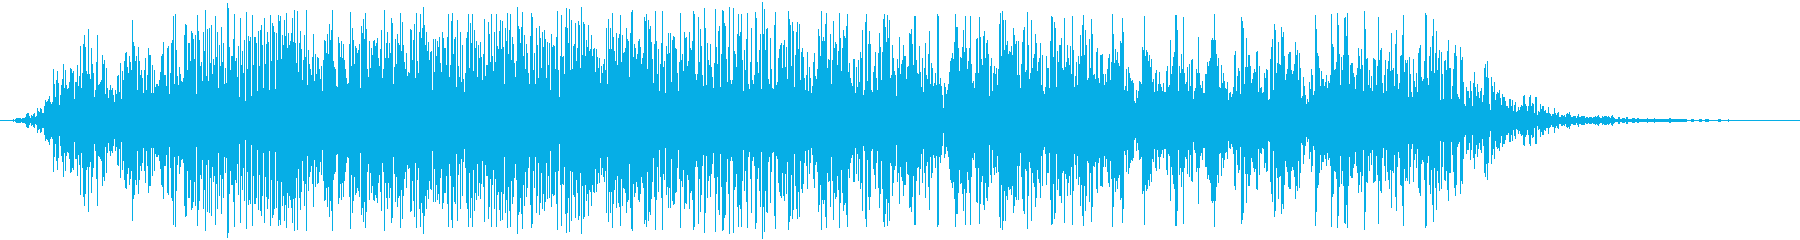 アフリカライオンの咆哮(少し長め)の再生済みの波形